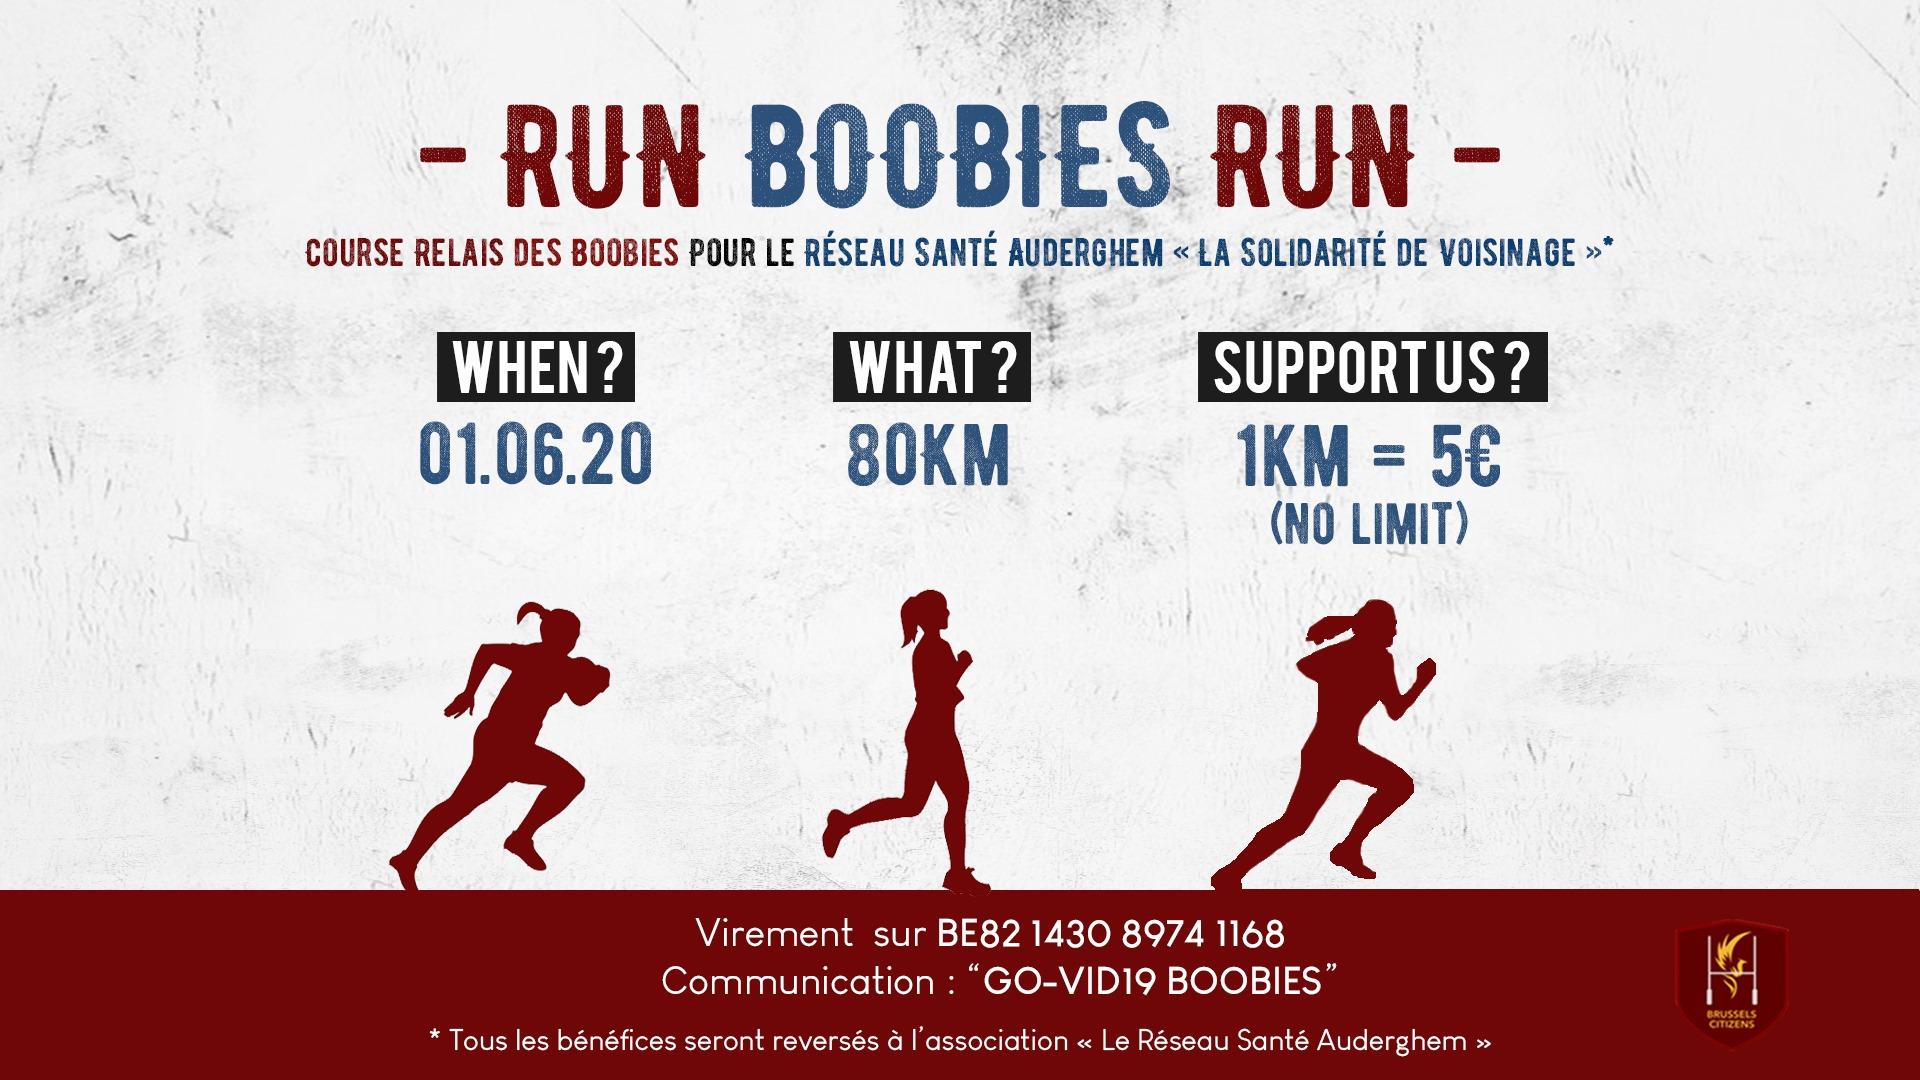 L'UAE soutient les Boobies, l'équipe féminine du Citizens Rugby Club d'Auderghem, pour Run Boobies Run, course relais solidaire.